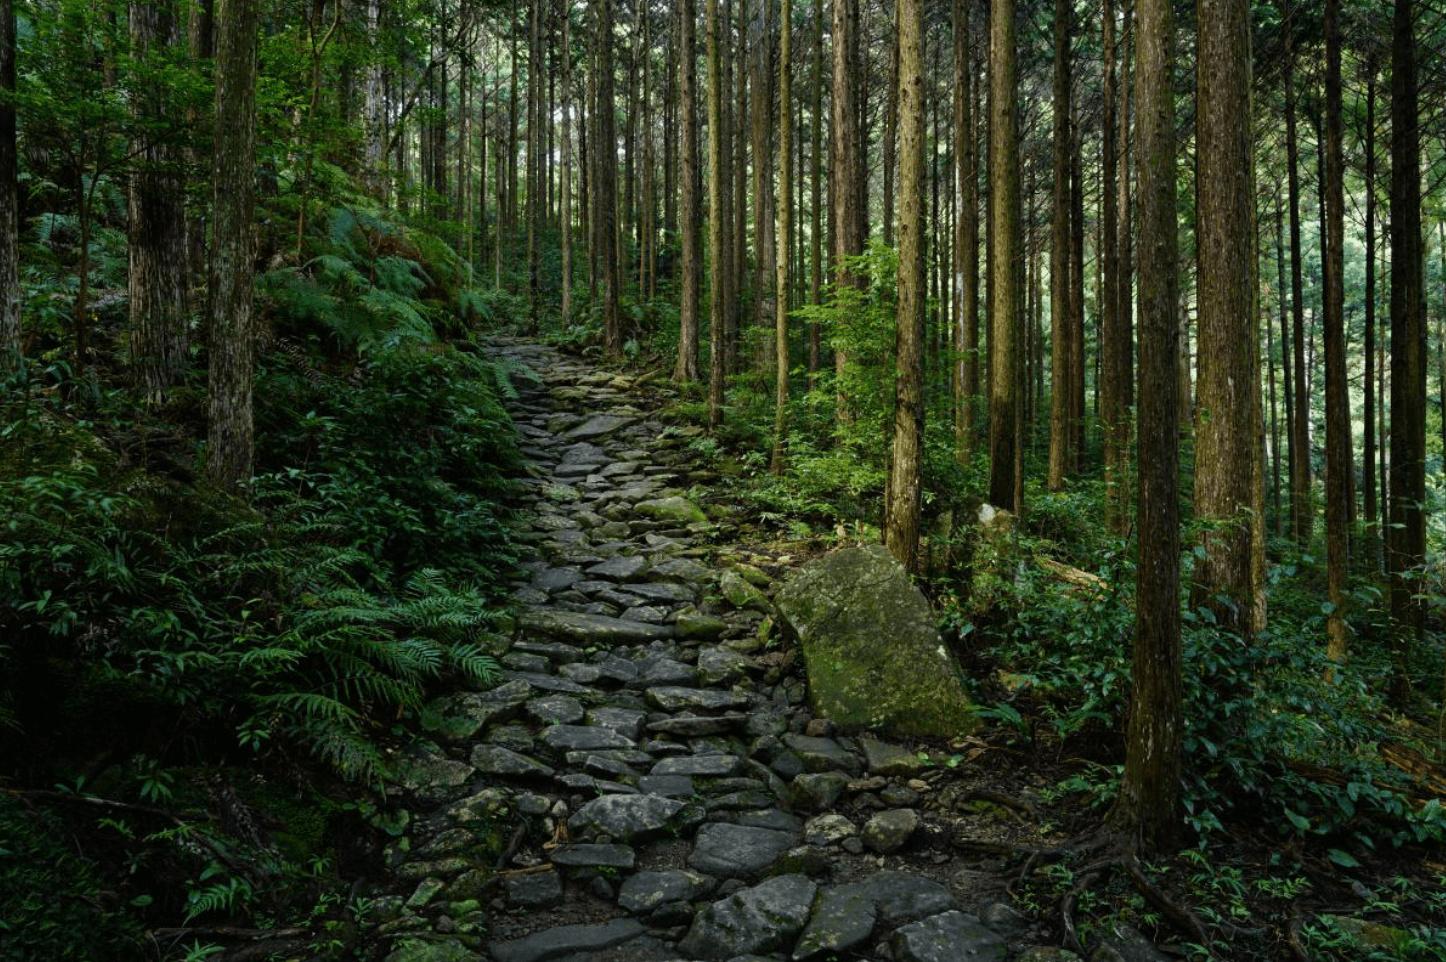 CameraPro Australia Sony FE 24-105mm f/4 G OSS Lens sample image forest